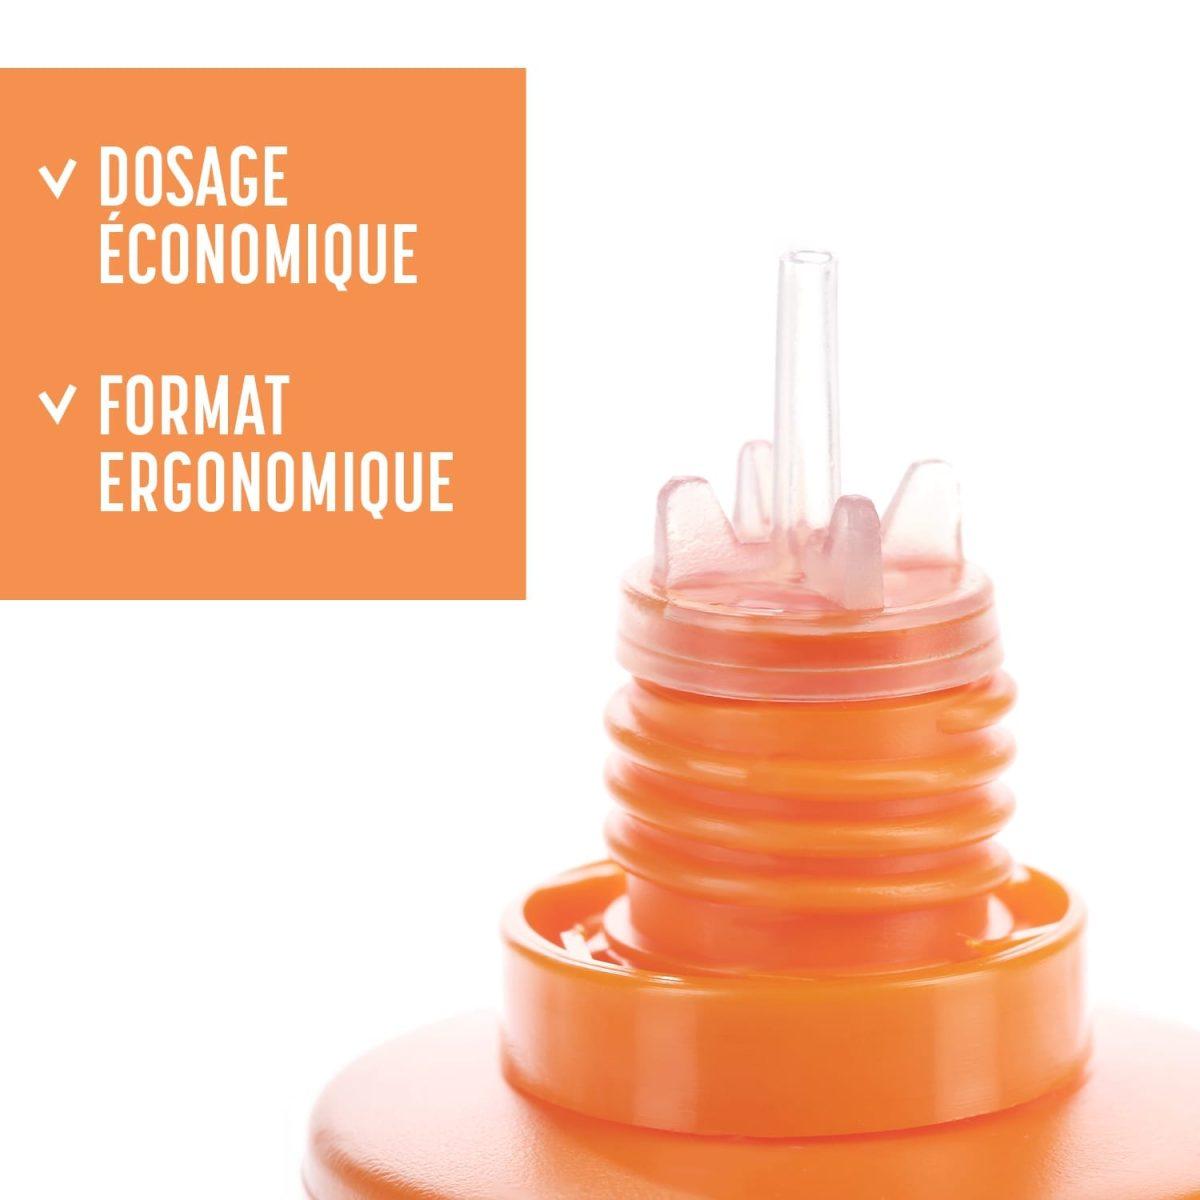 """DISSOLVANT<br>Huile essentielle d'Orange Douce<br> <span style=""""font-size: 18px;"""">60 ml</span> Dissolvants"""